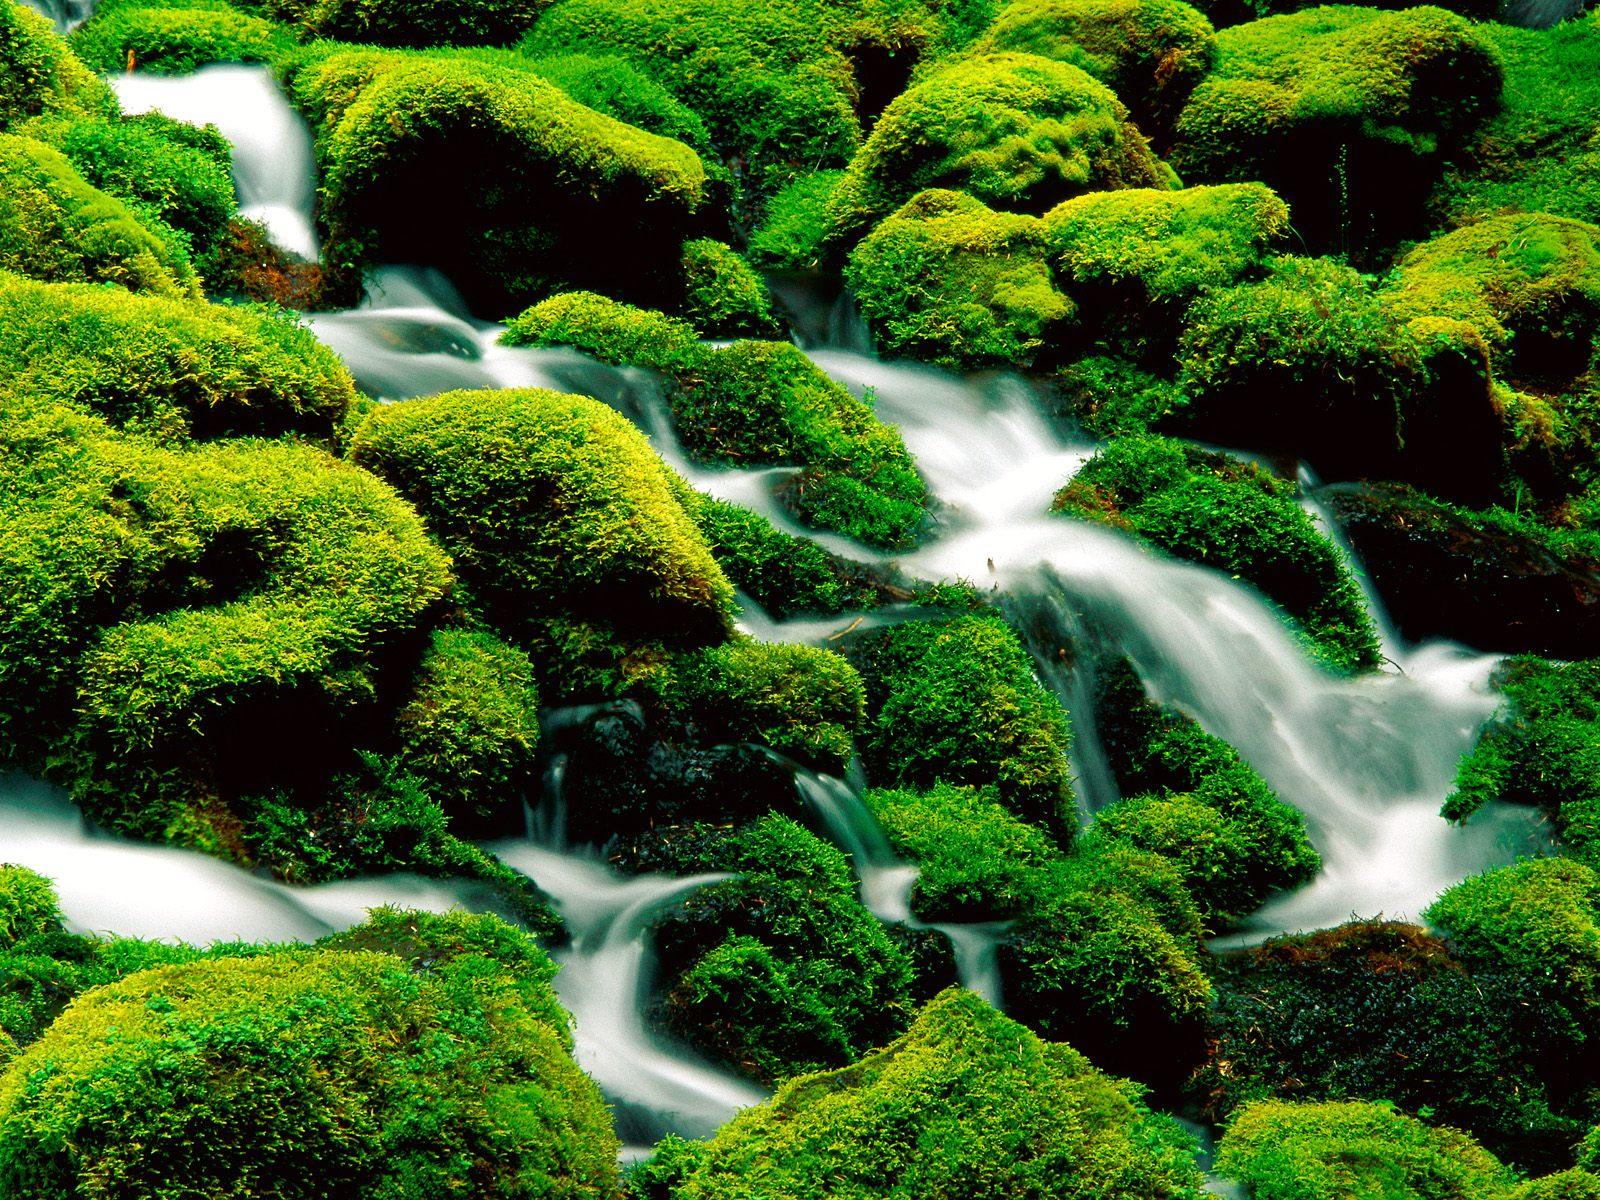 http://3.bp.blogspot.com/_LEaI0vplWIE/TUDTQOuZxkI/AAAAAAAACgg/Dn7e_PsP_cA/s1600/Rivers_and_Creeks_nature_wallpaper__6_.jpg